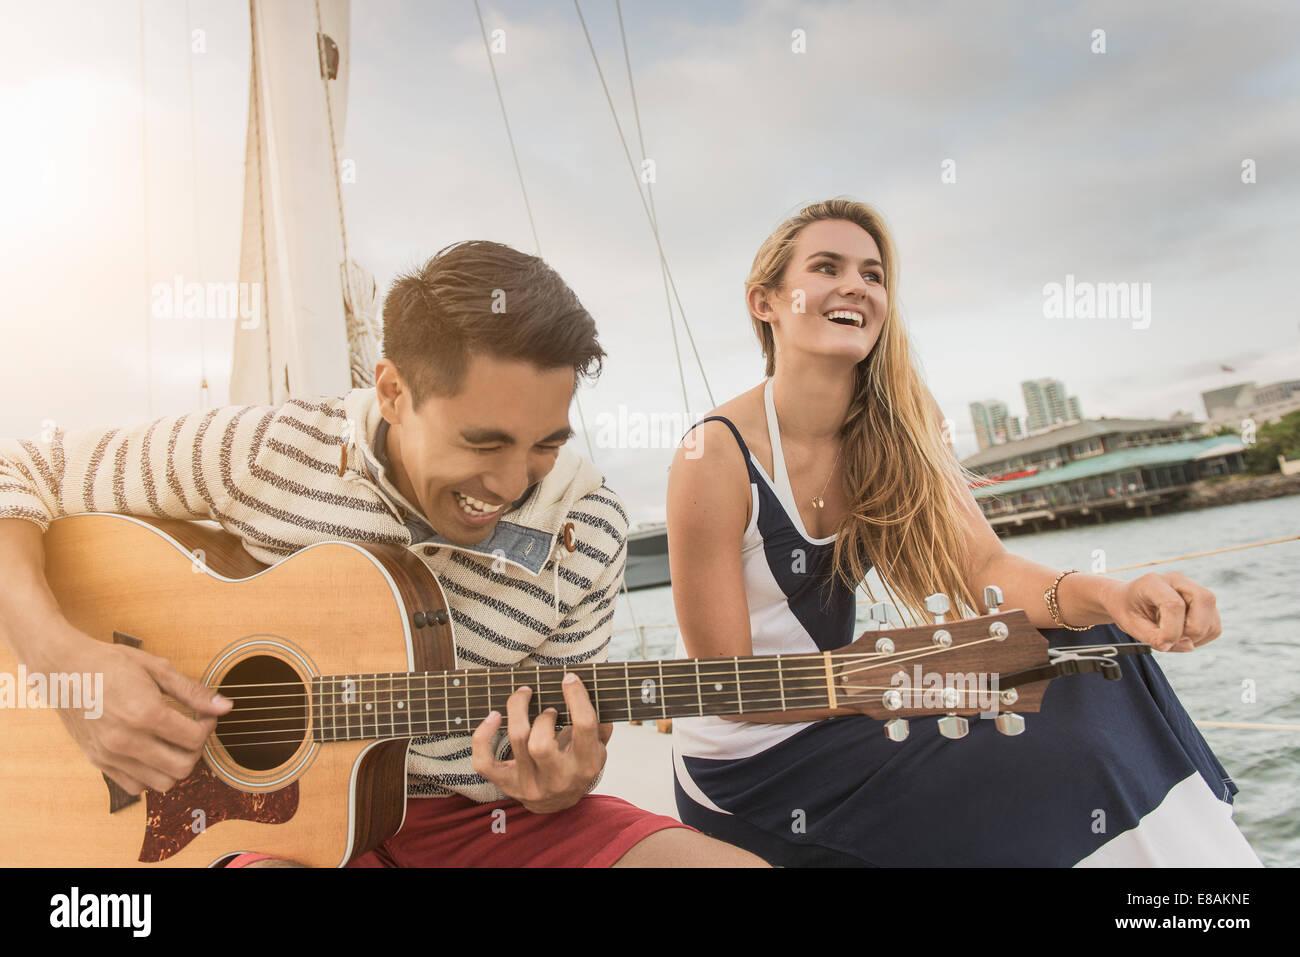 Jeune couple sur bateau à voile, man playing guitar Photo Stock